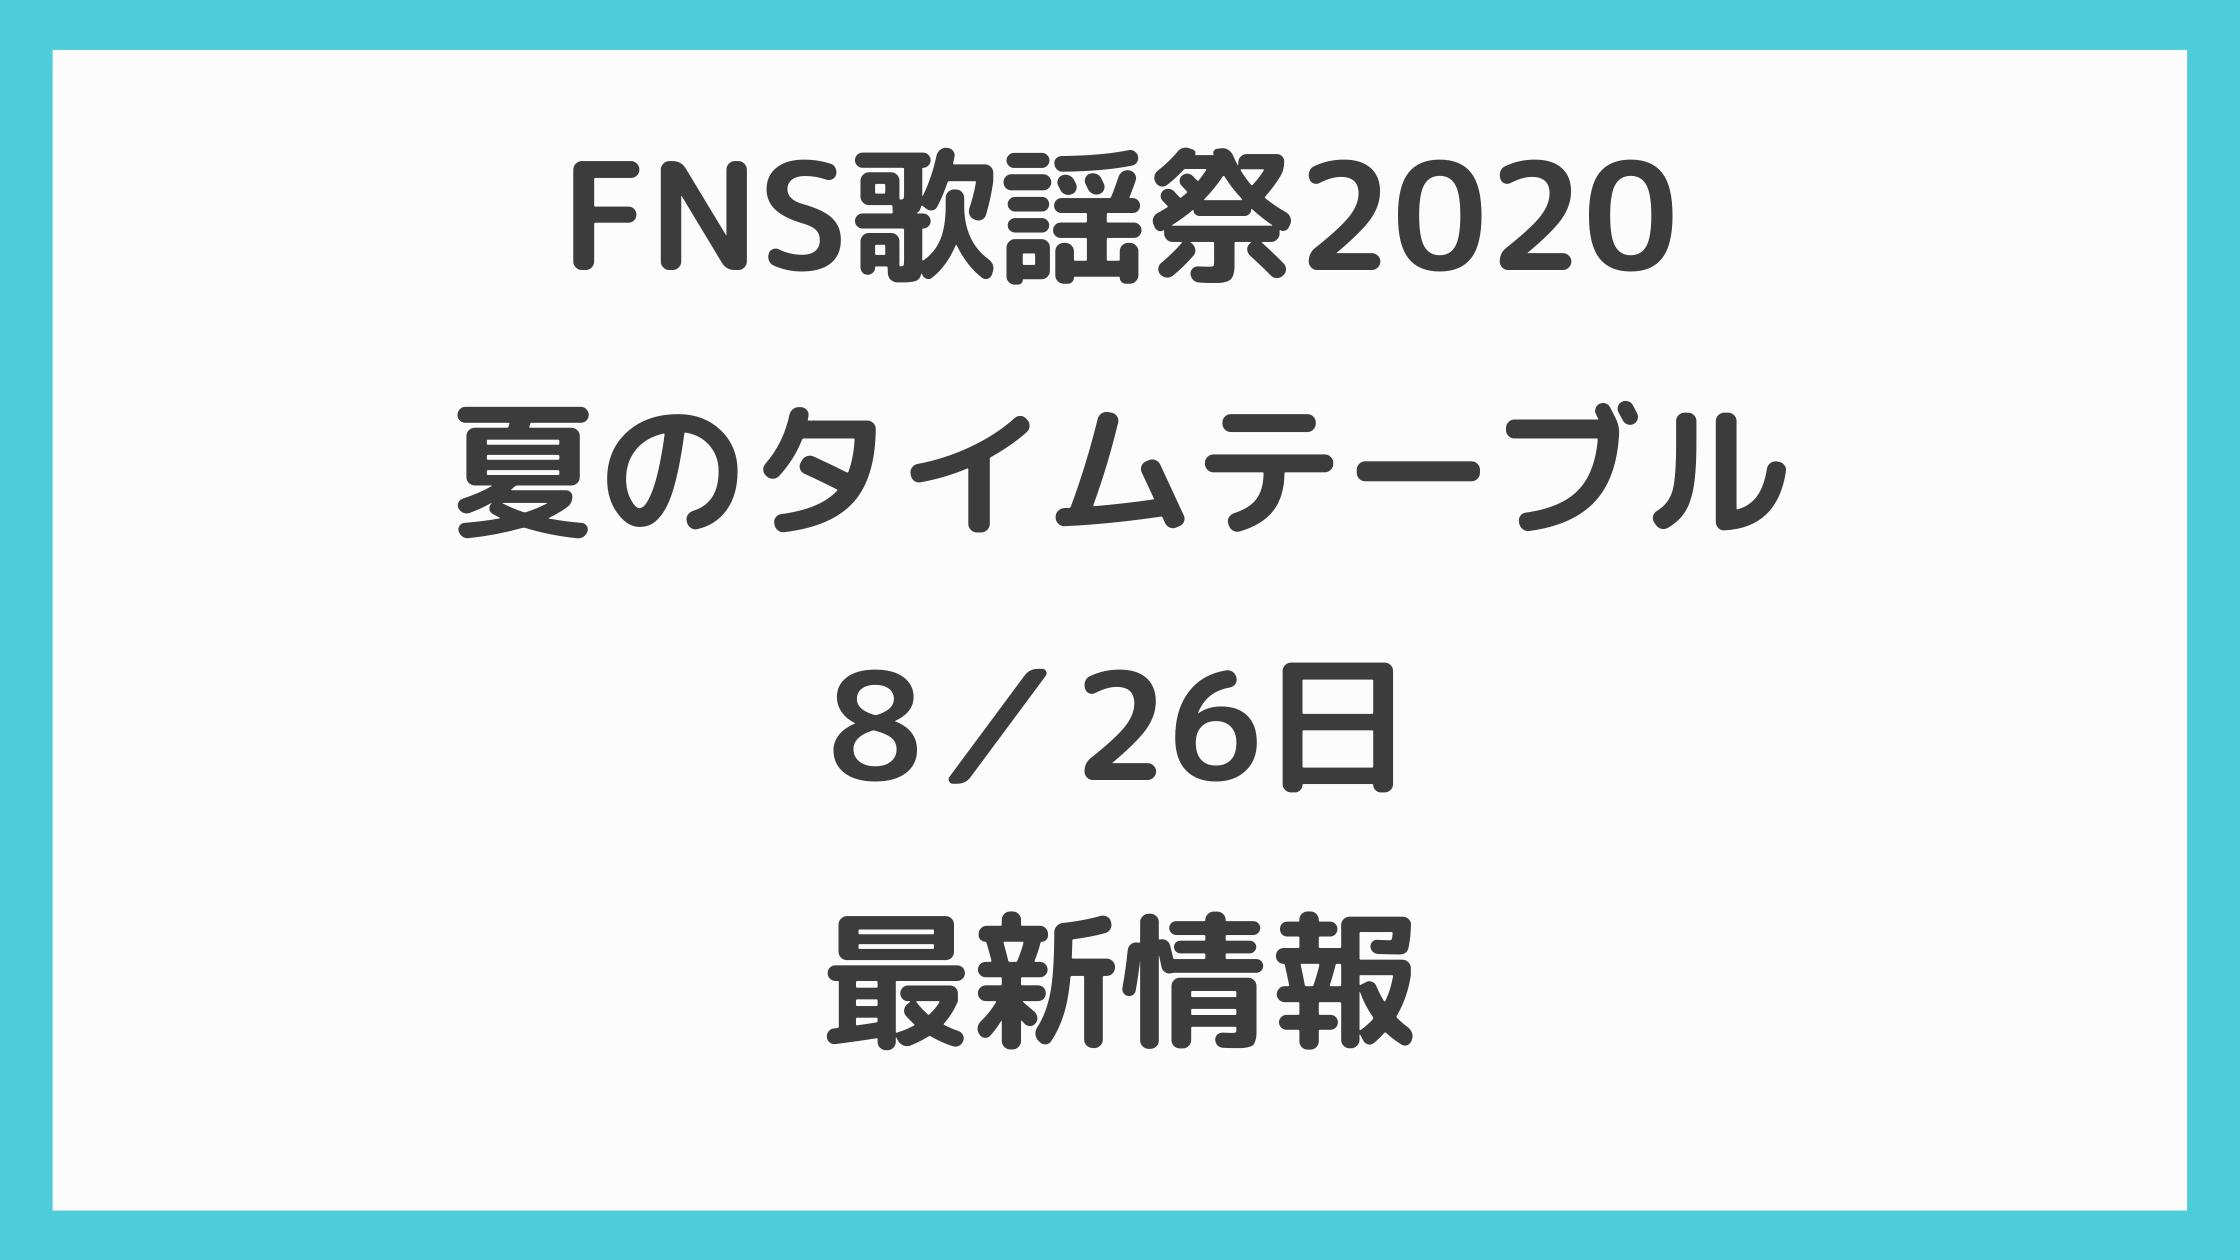 歌謡 嵐 エフエヌエス 祭 2020